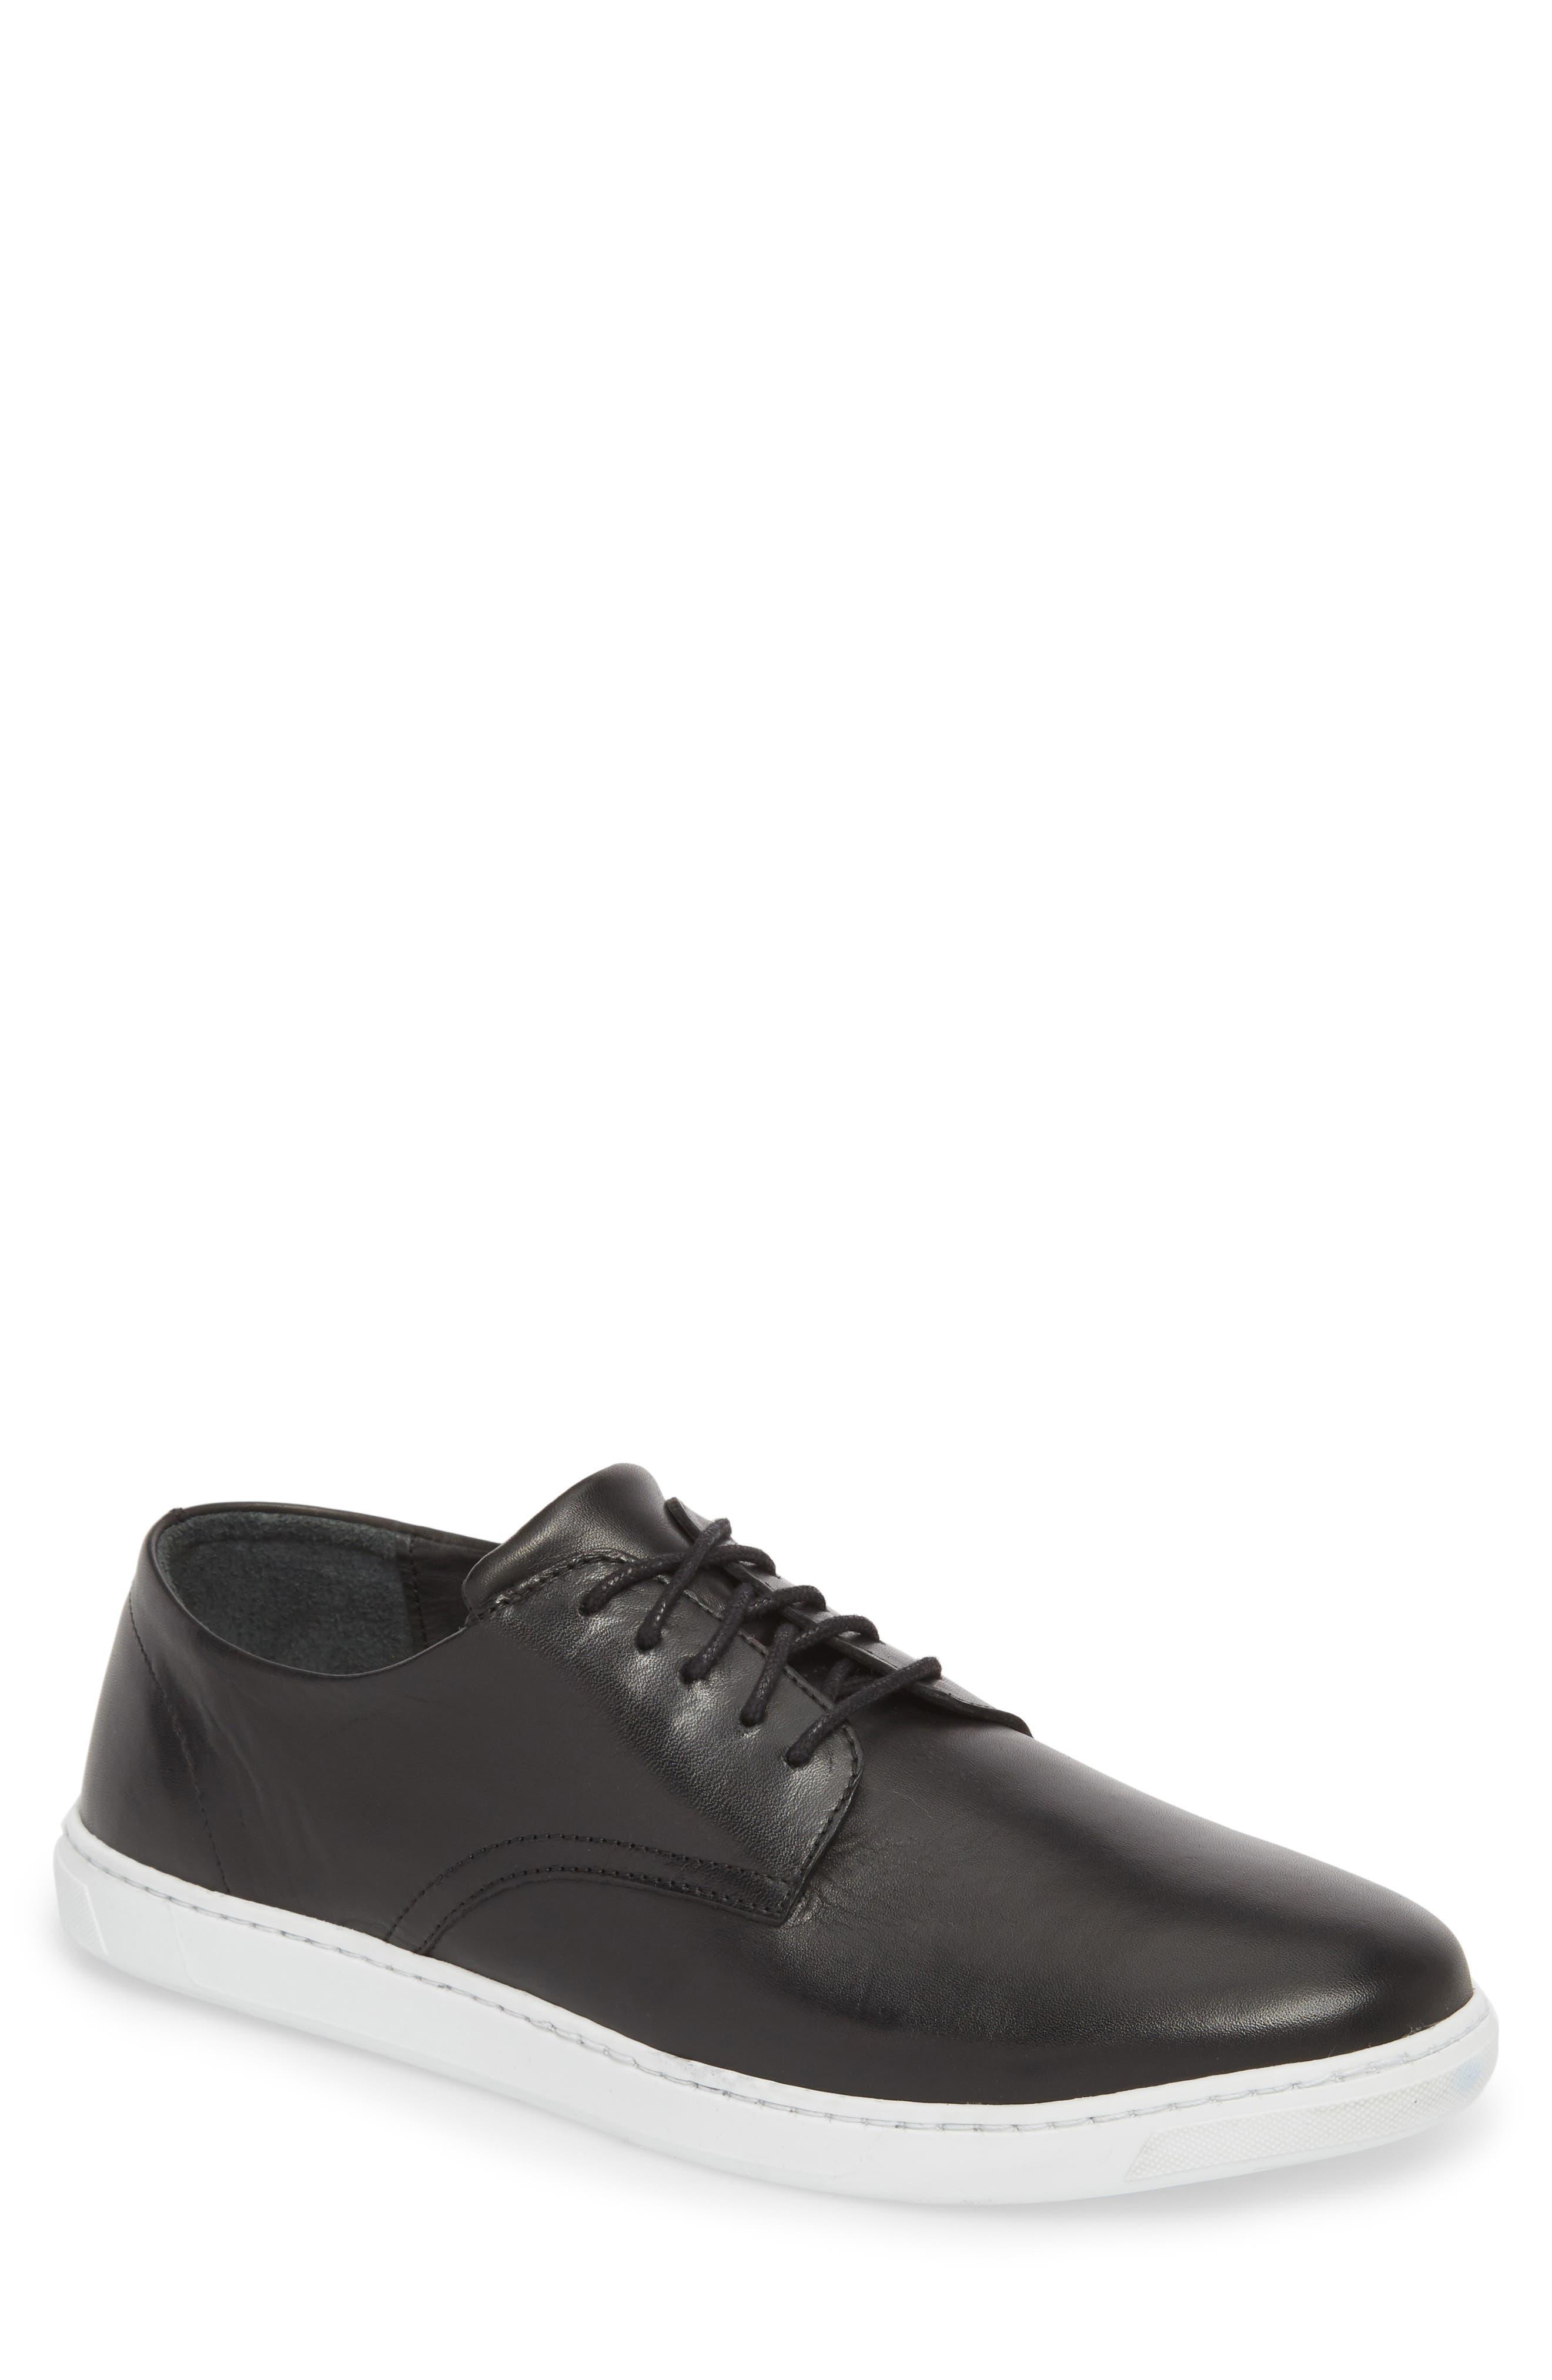 Nok Derby Sneaker,                         Main,                         color, BLACK LEATHER